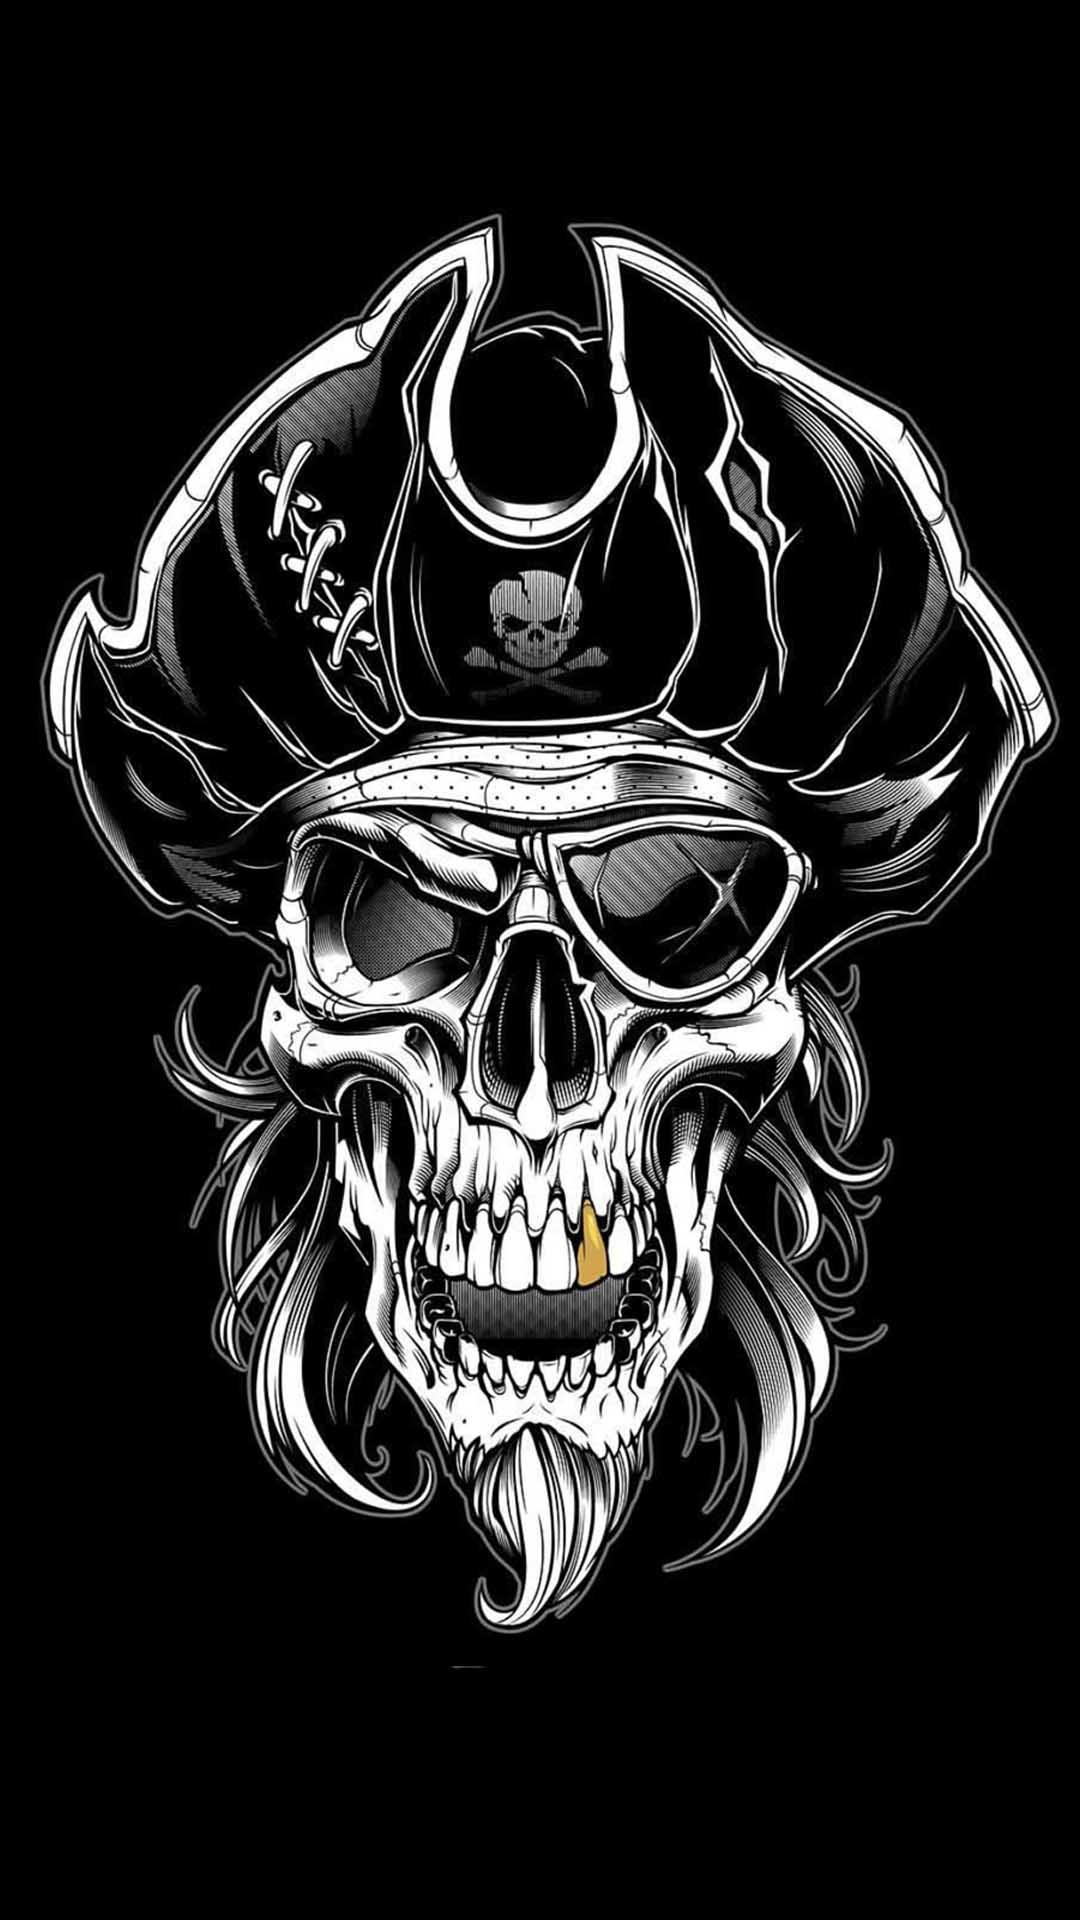 iPhone wallpaper skull pirate 3Wallpapers : notre sélection de fonds d'écran du 02/03/2018